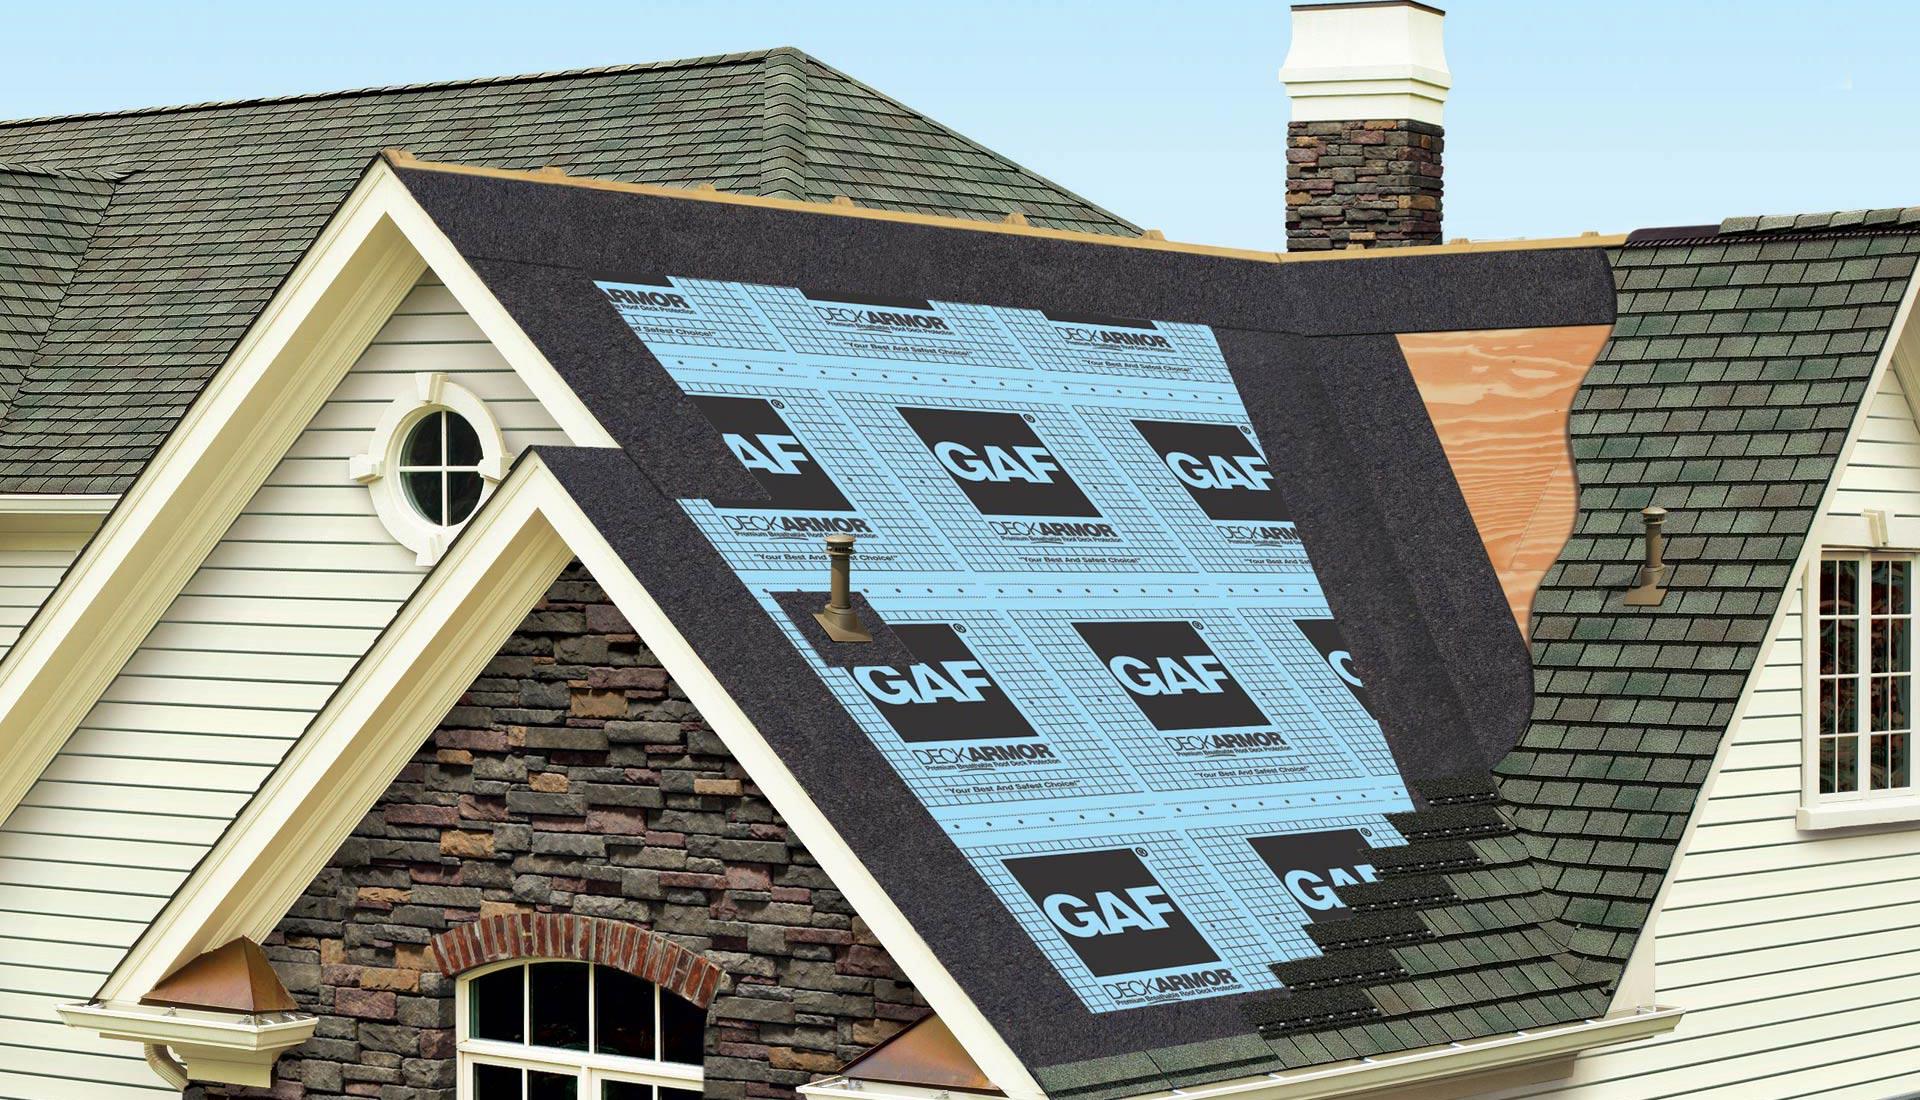 home paralax hamilton2 hamilton roofing company